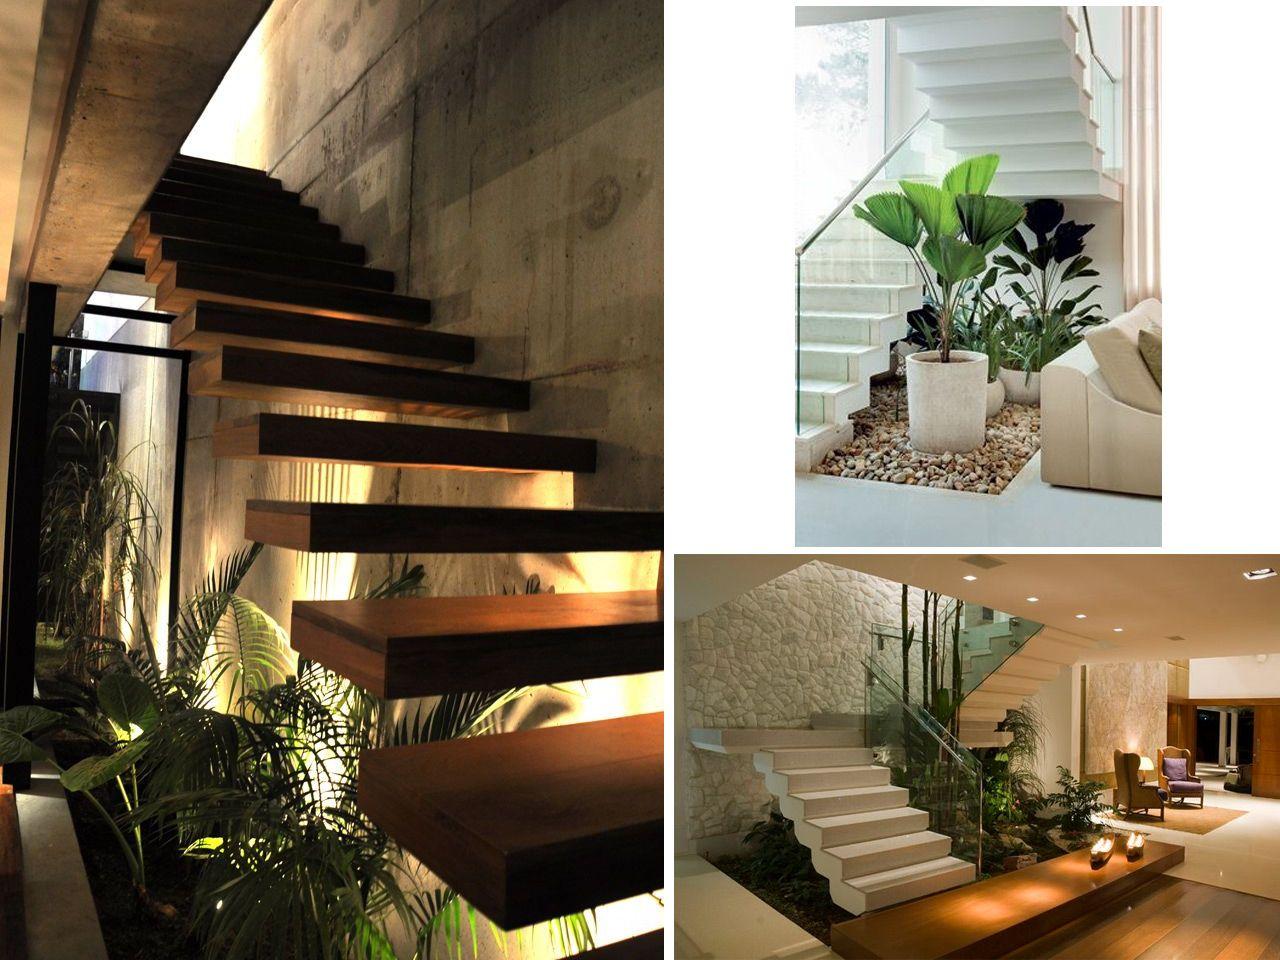 Tus 7 inspiraciones de decoraci n de terrazas interiores for Decoracion de escaleras interiores